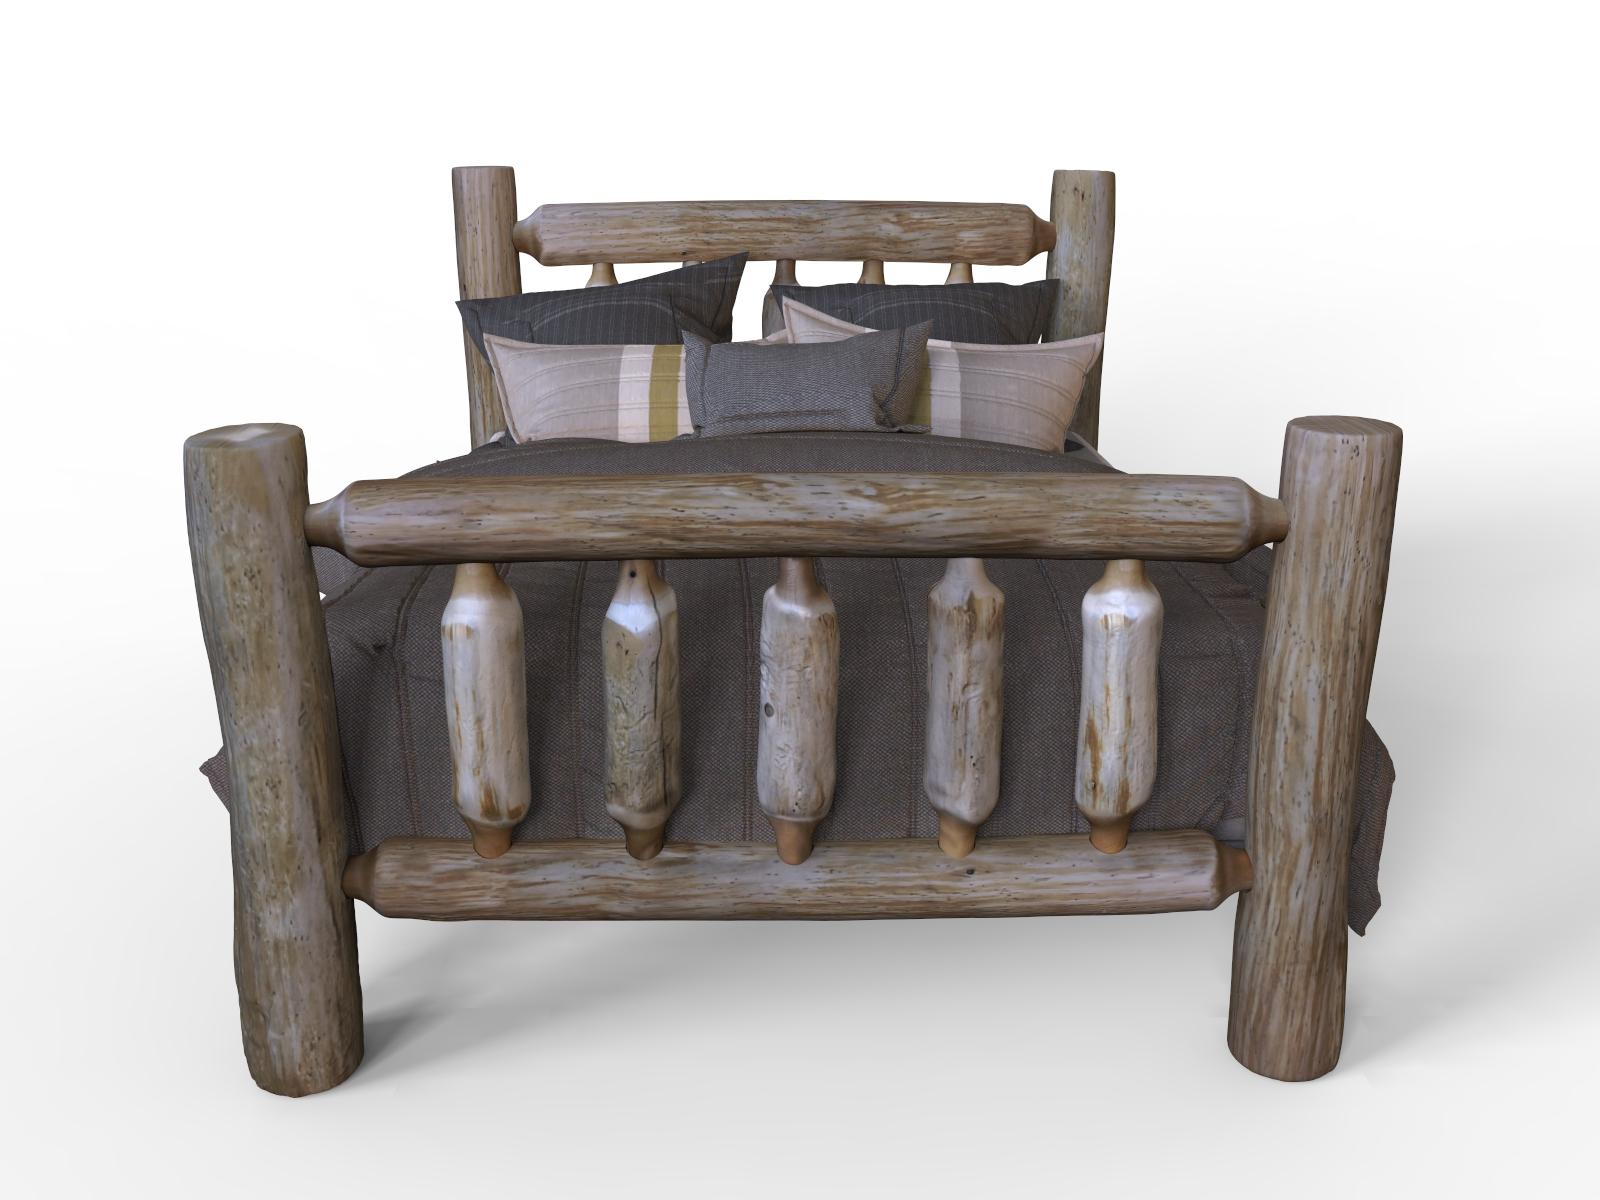 wood mill cedar log swings beds